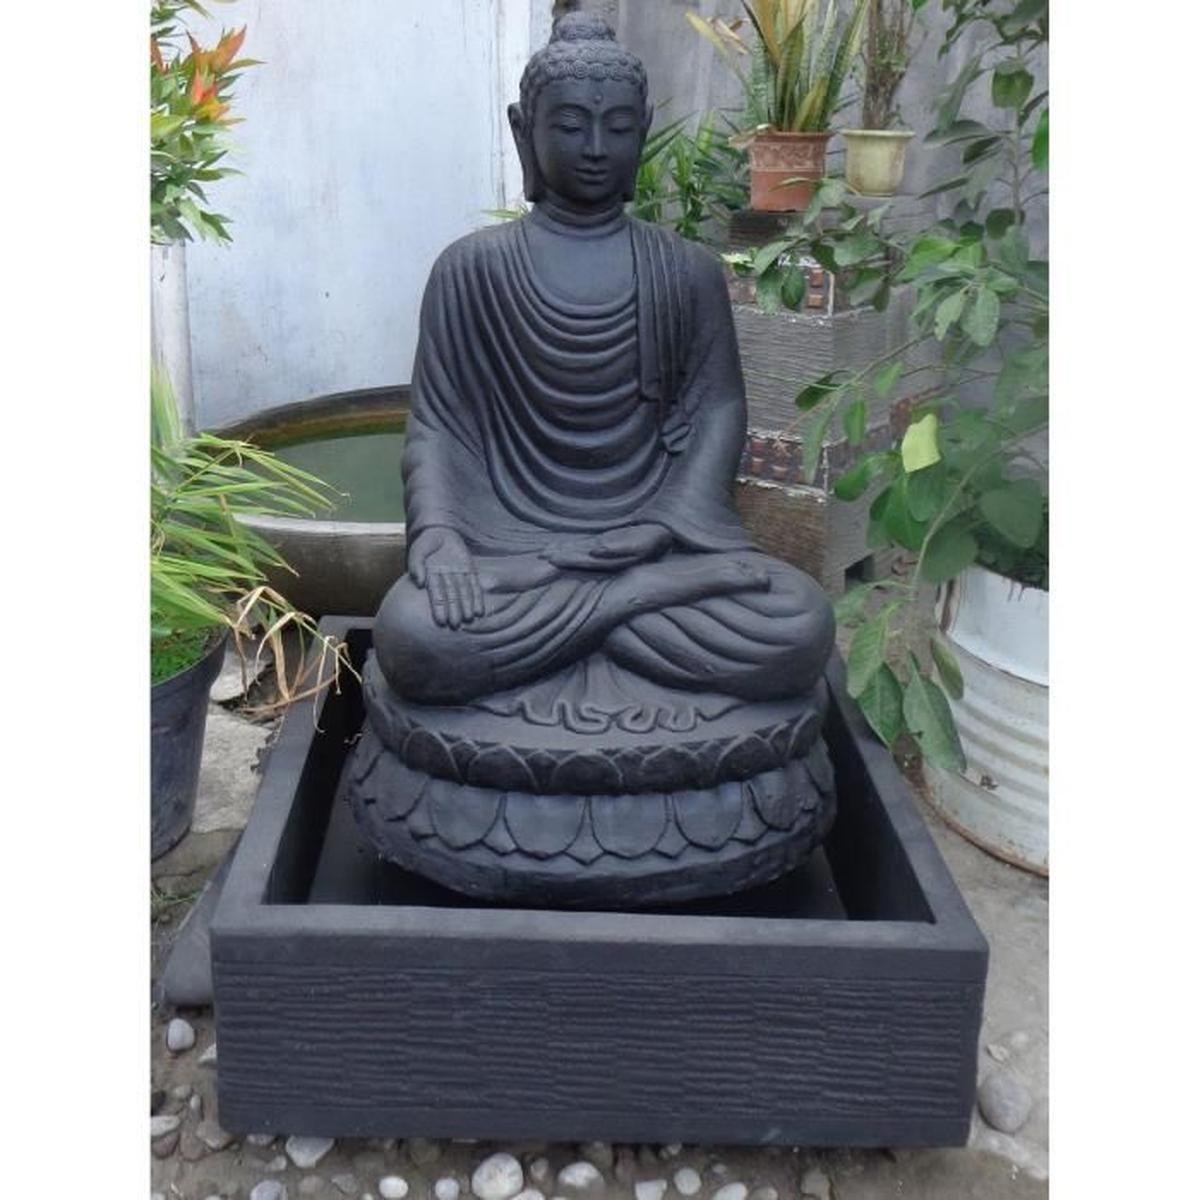 Fontaine De Jardin Bouddha Assis 1 M 20 Patiné Noir - Achat ... encequiconcerne Fontaine De Jardin Bouddha